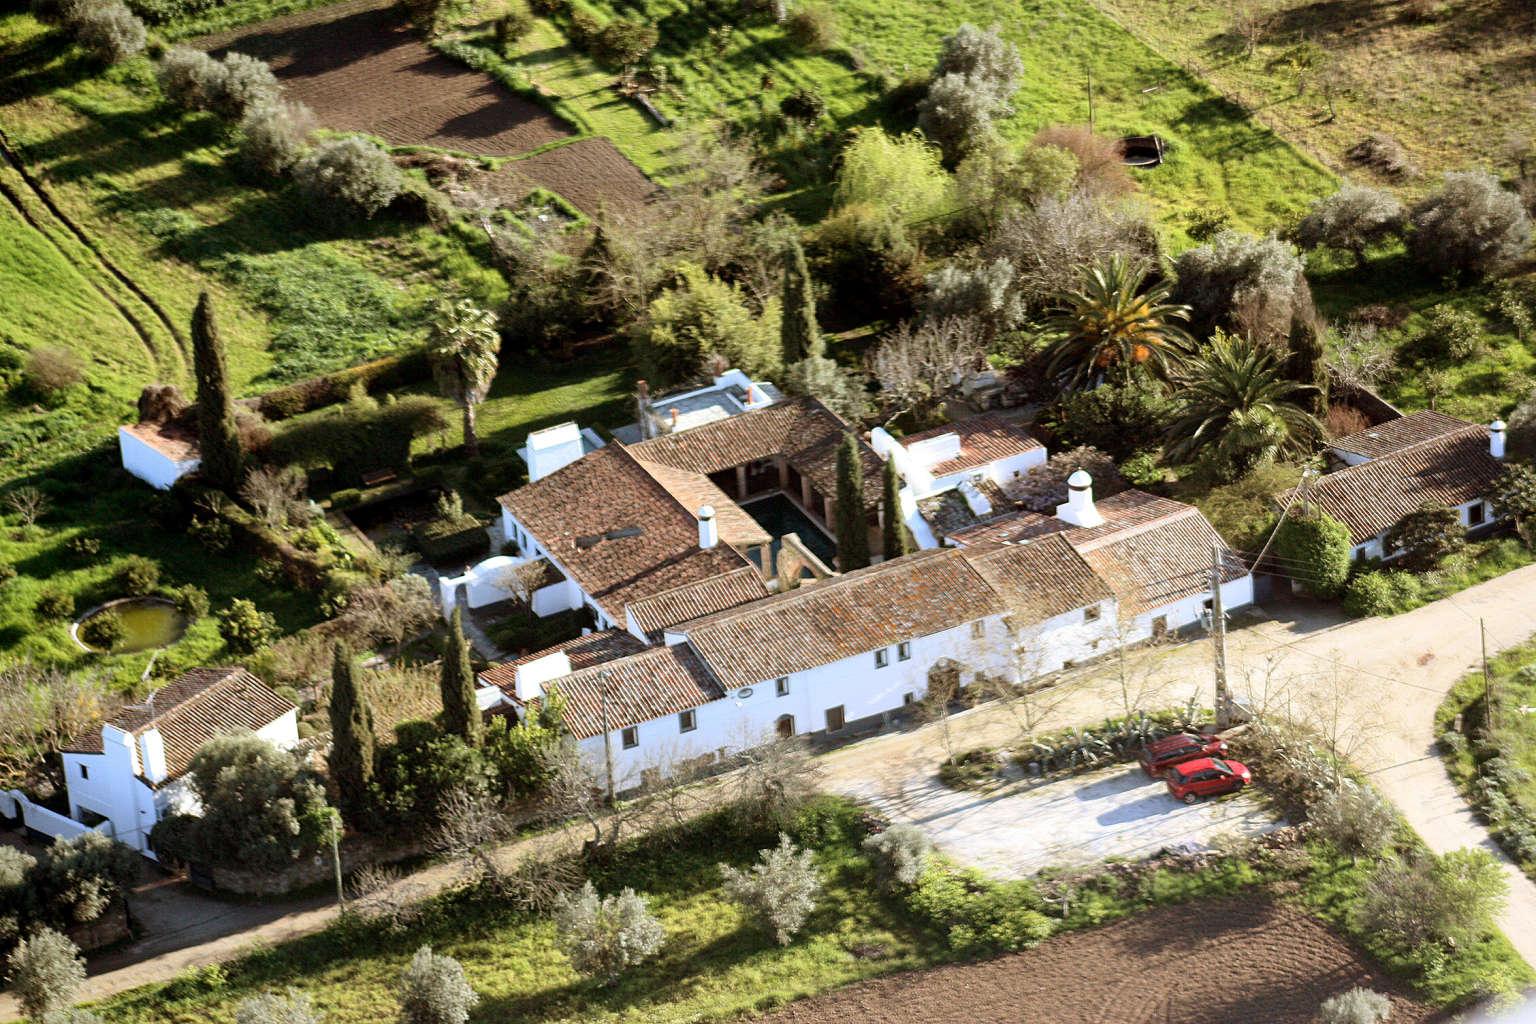 Finca en el campo (Alentejo, Portugal) – desde 30 euros por persona y noche